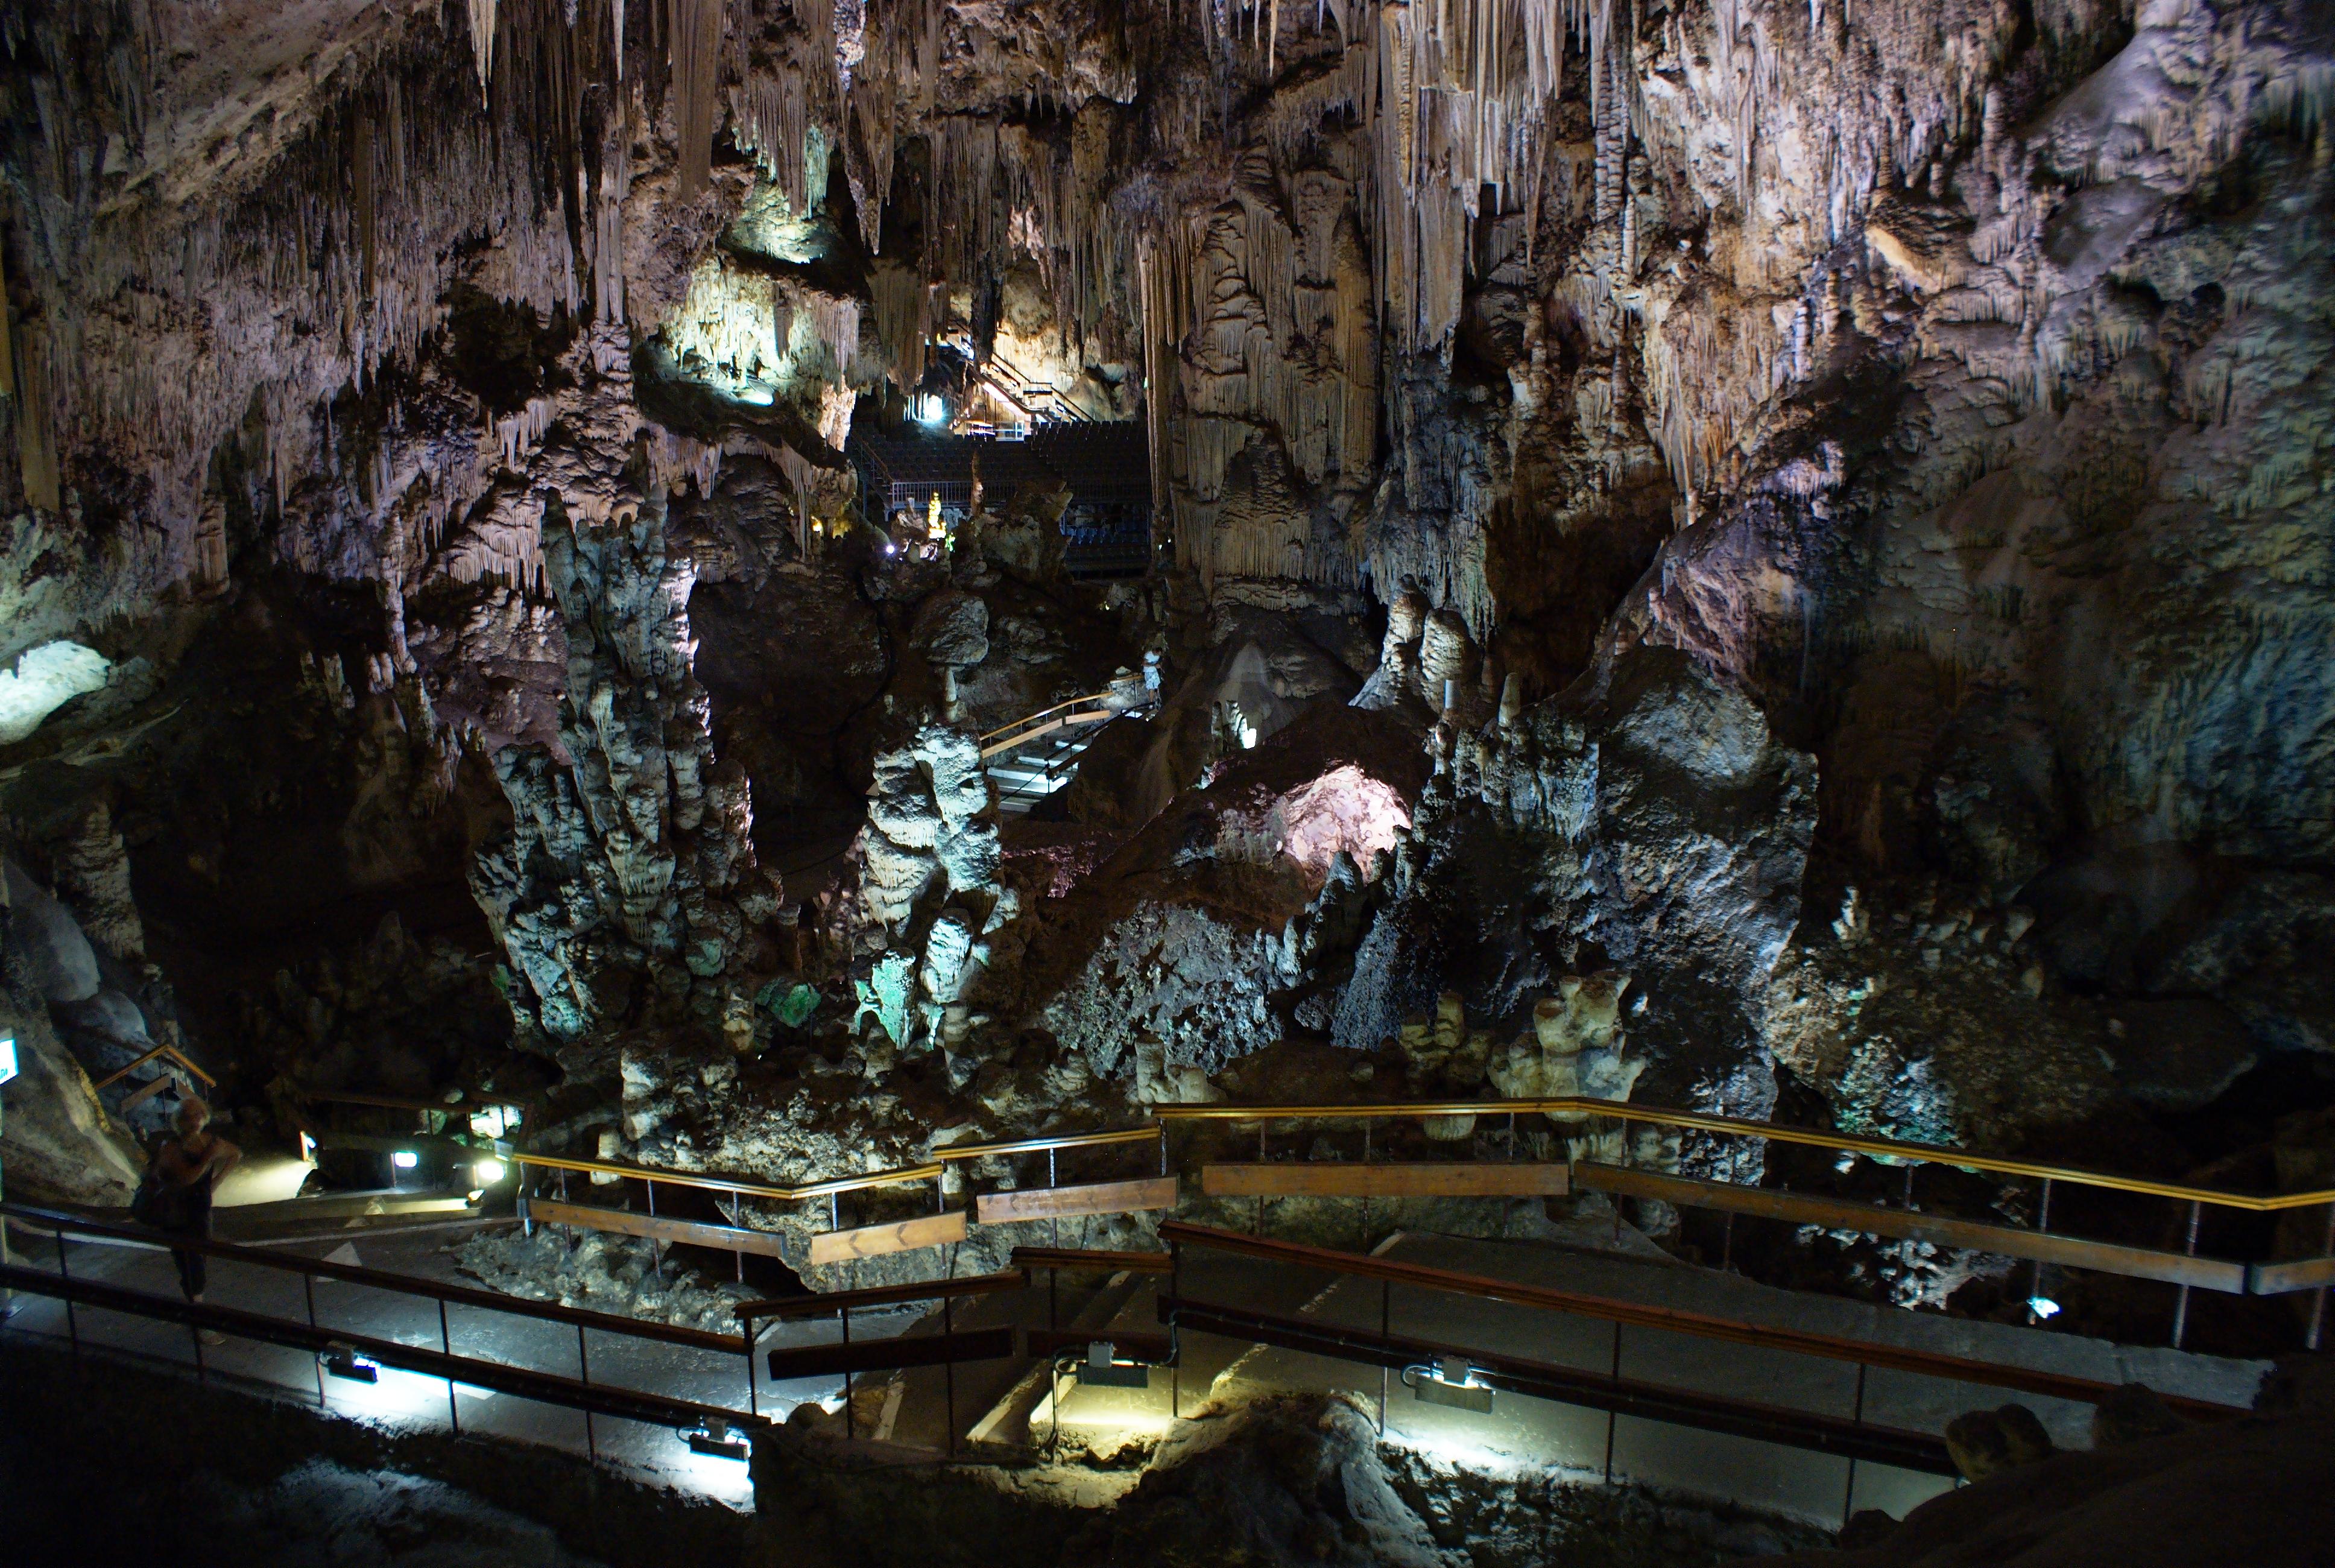 File:Cueva de Nerja.jpg - Wikimedia Commons